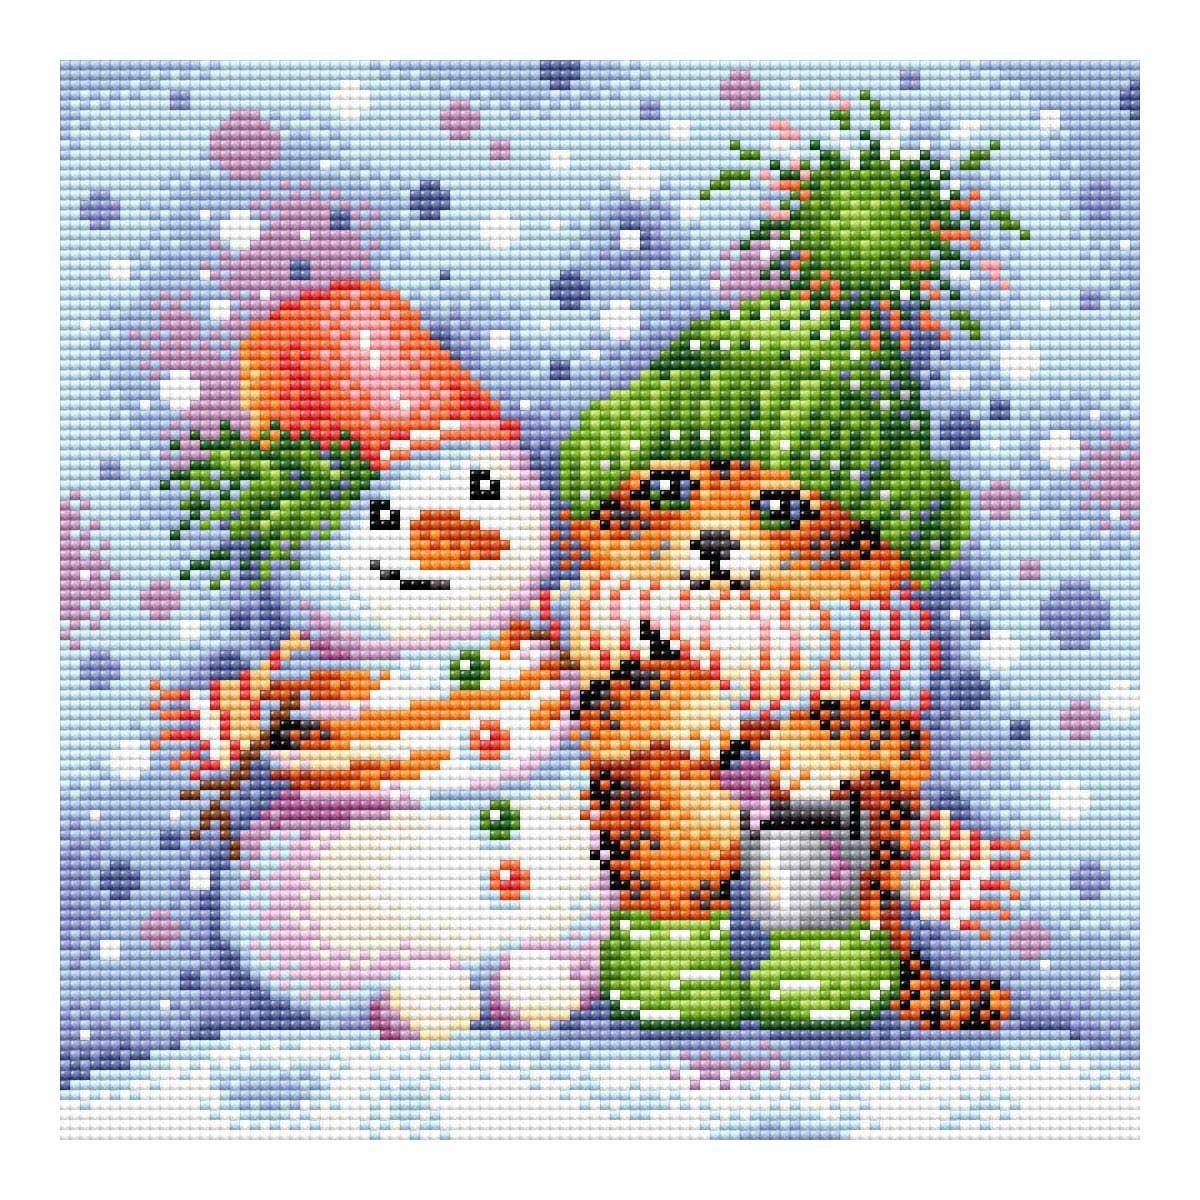 МС-098 Алмазная мозаика 'Полосатая зима' 27*27см Brilliart